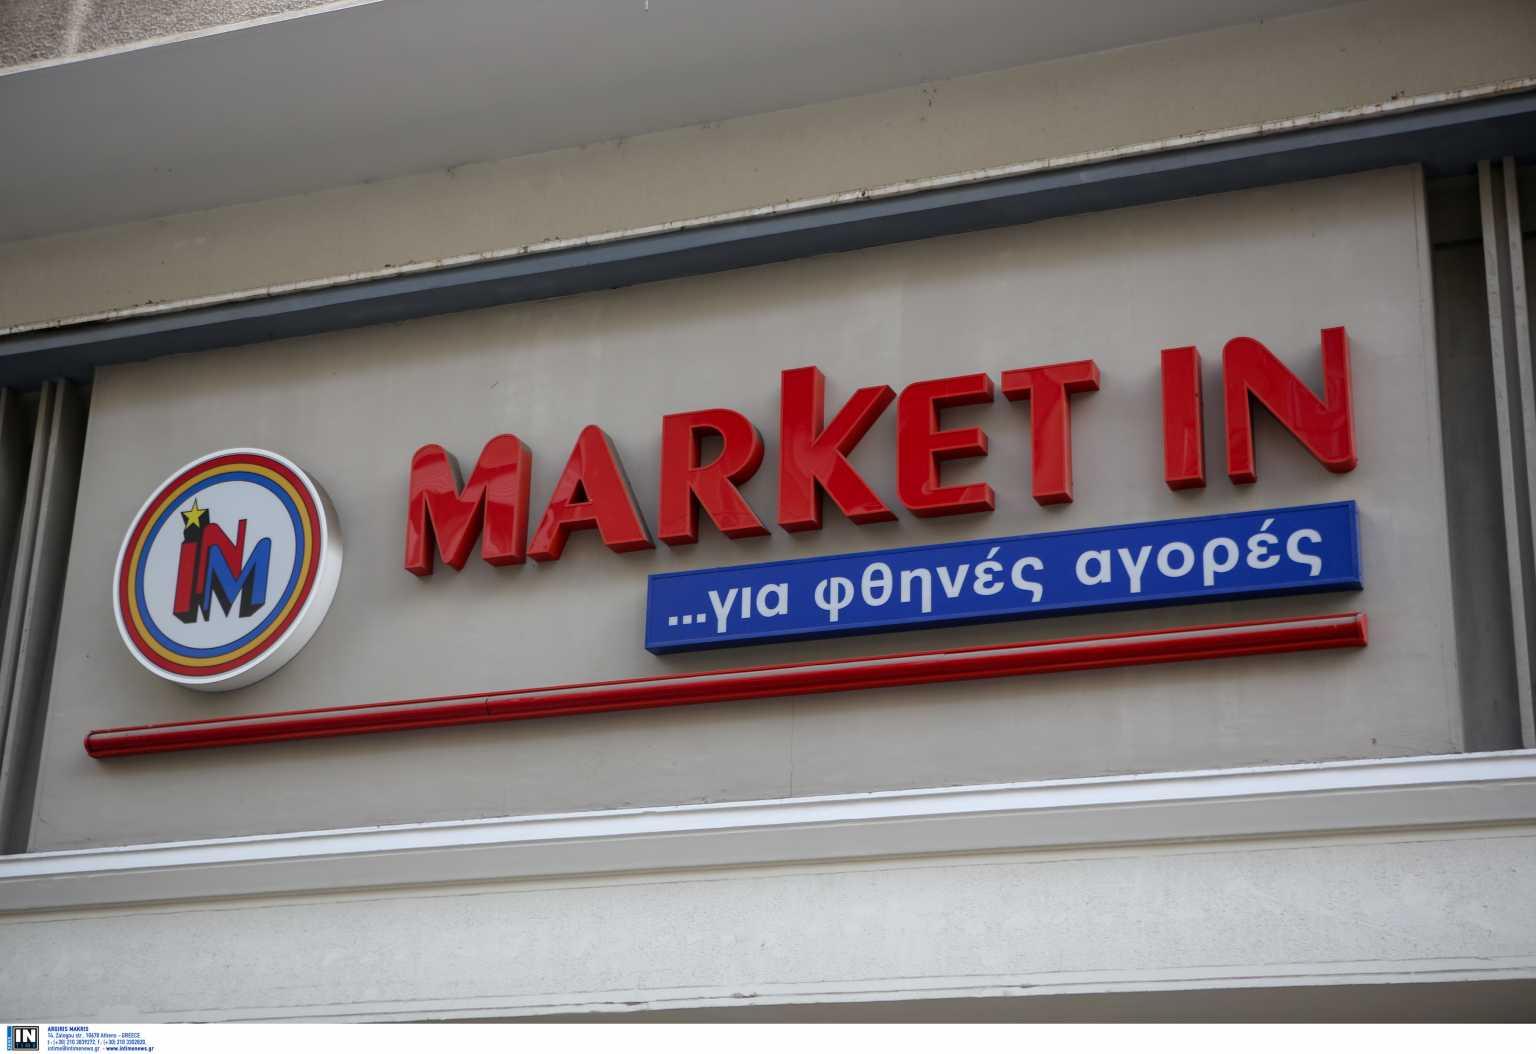 Θωμάς Ράμμος: Το ξεκίνημα, το deal με το Μαρινόπουλο και τα 206 καταστήματα Market In